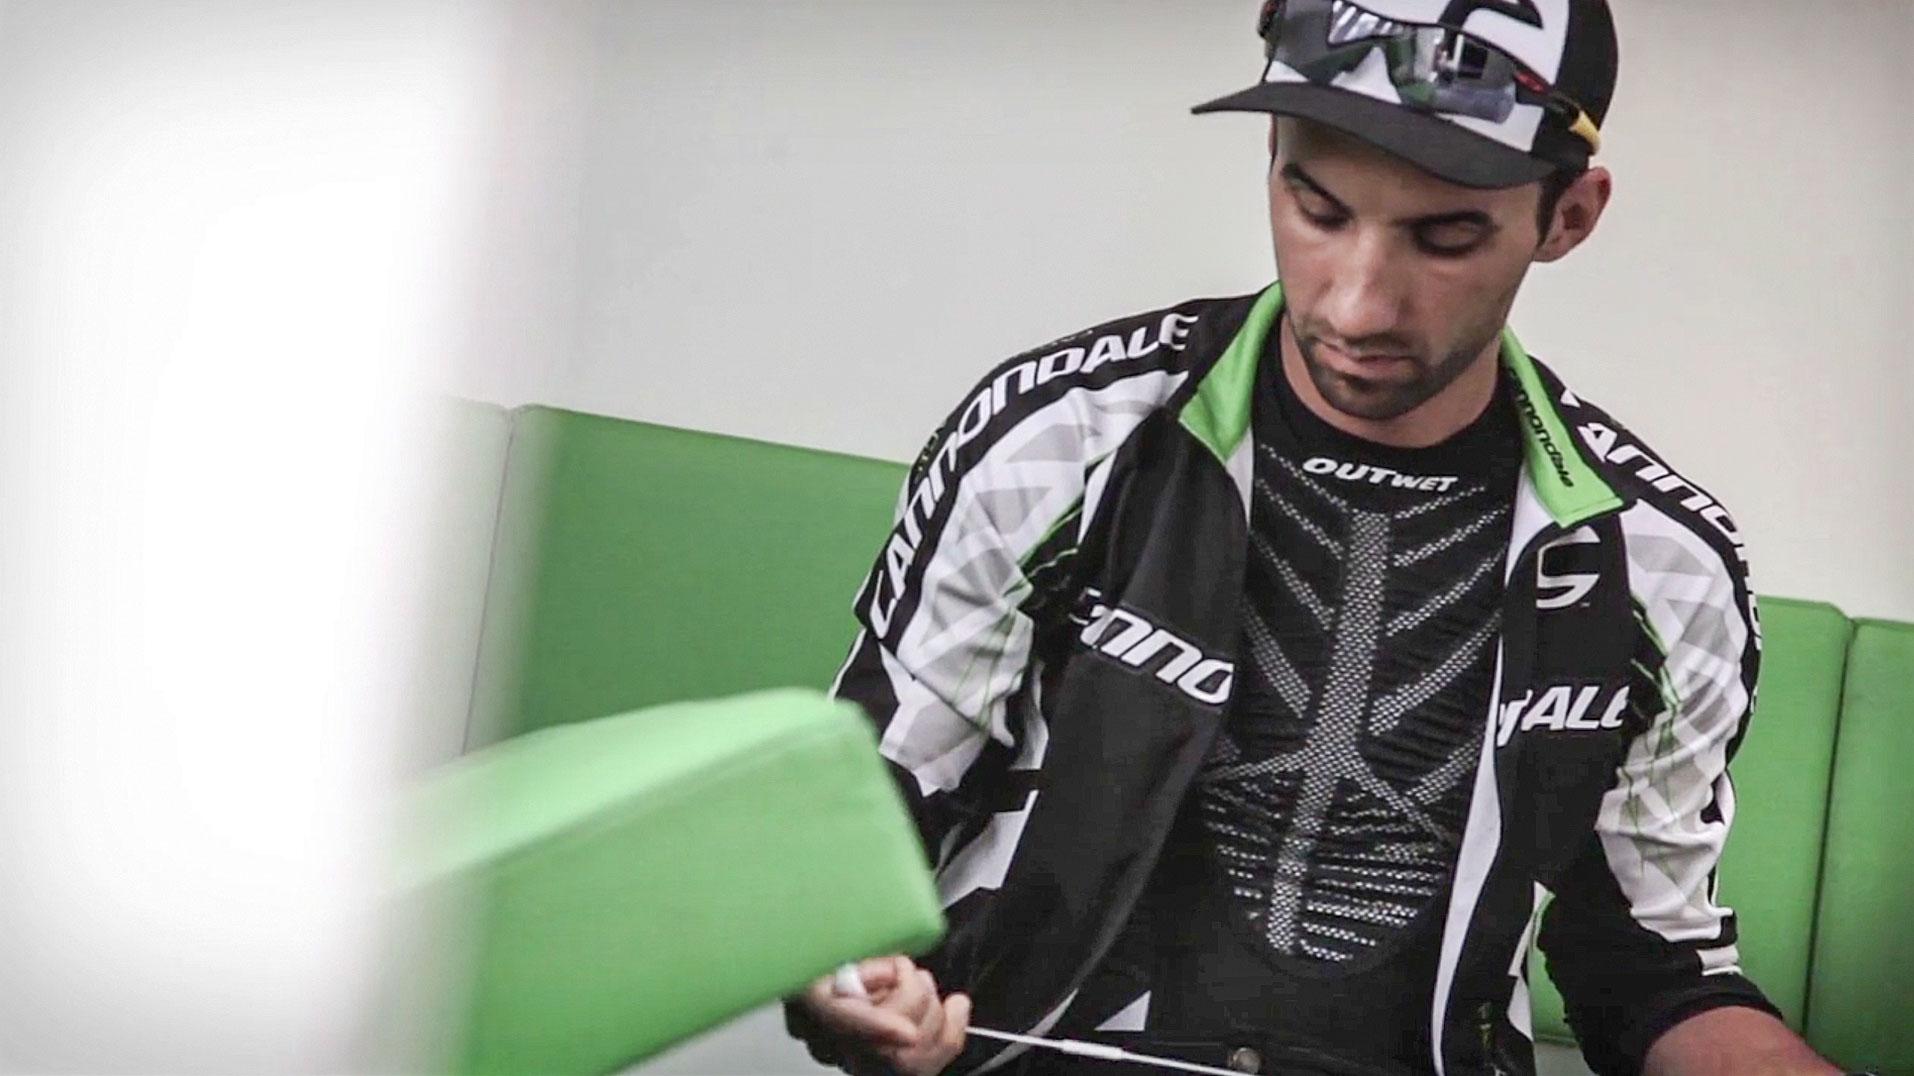 75a produziert das Video, das den Mountainbike-Profi hinter den Kulissen zeigt